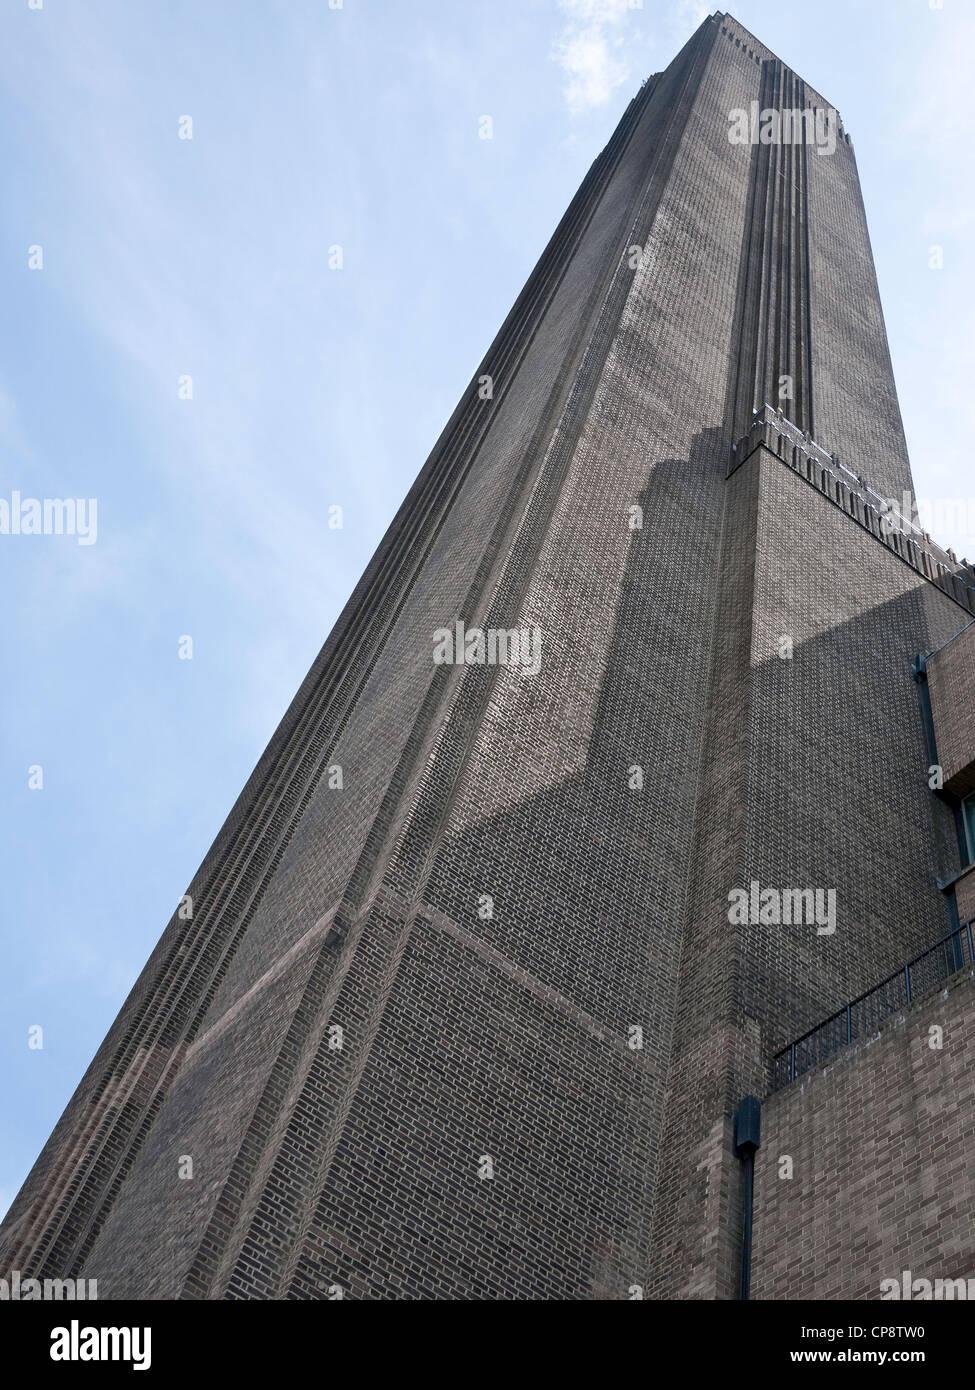 The Tate Modern, Bankside, London. UK - Stock Image